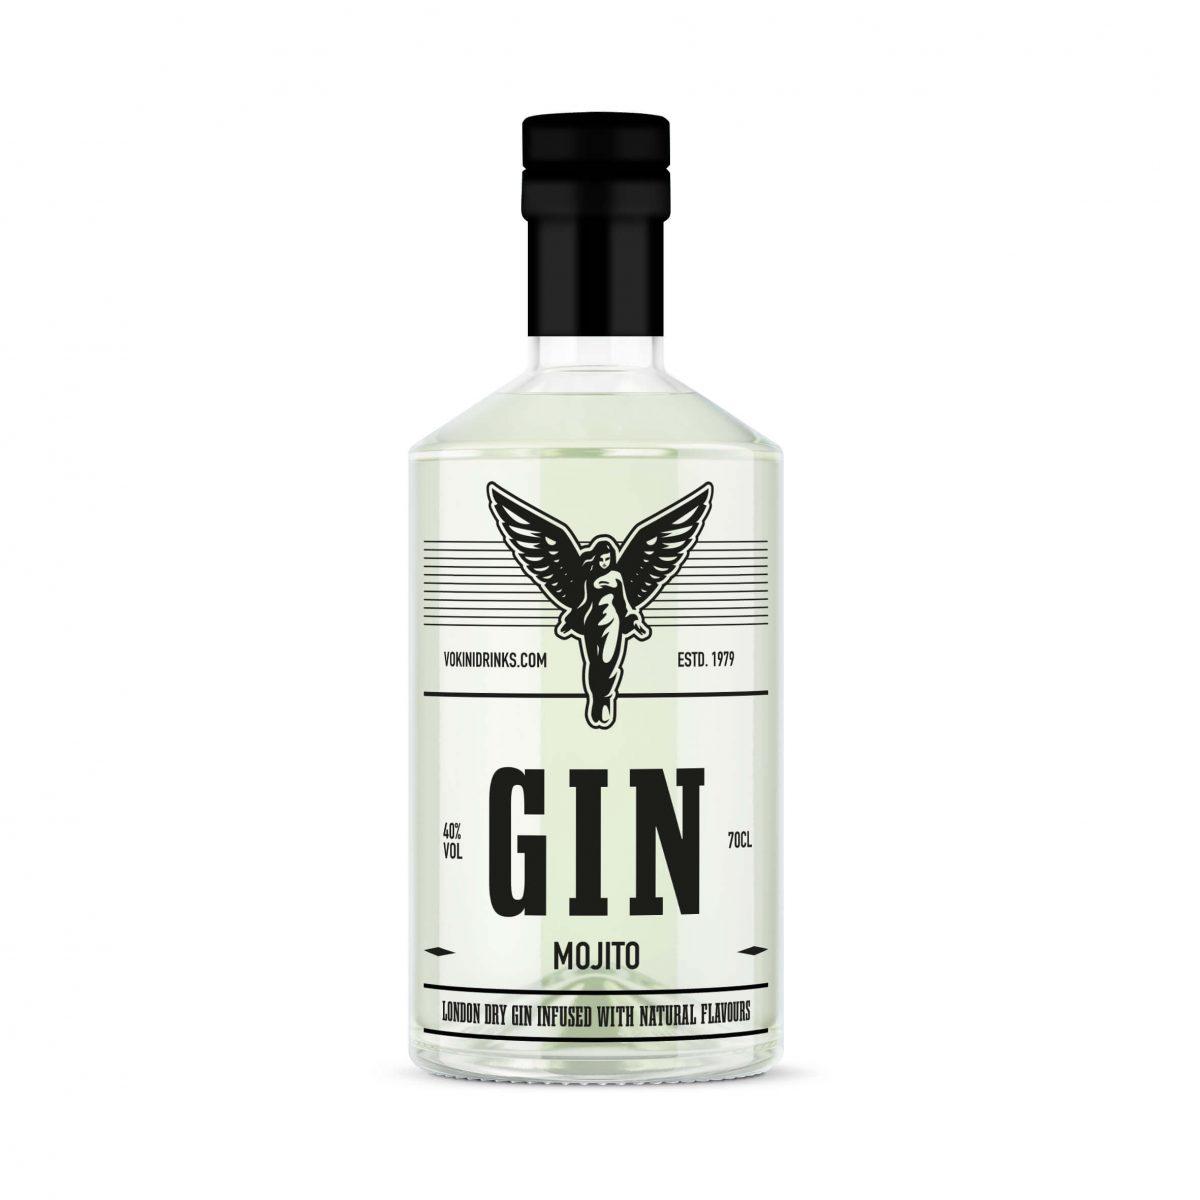 Mojito vokini gin